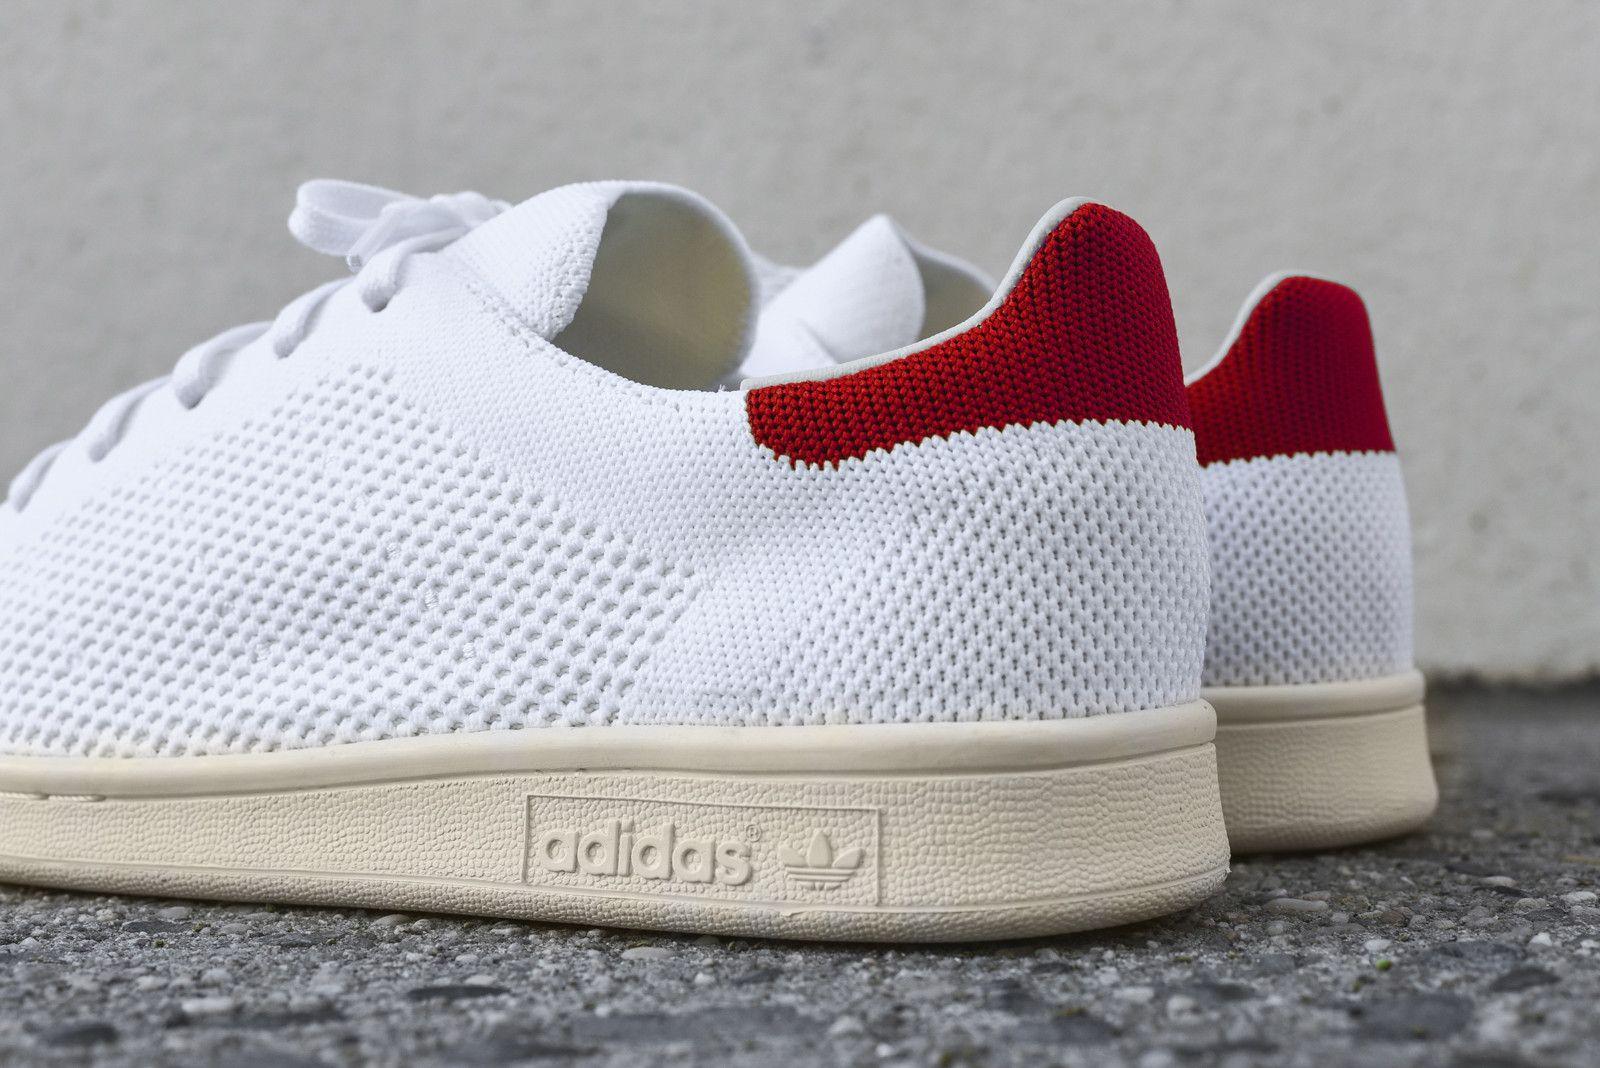 a991cf3c91a adidas Originals Stan Smith PK - White / Red | CLOTHING | Original ...